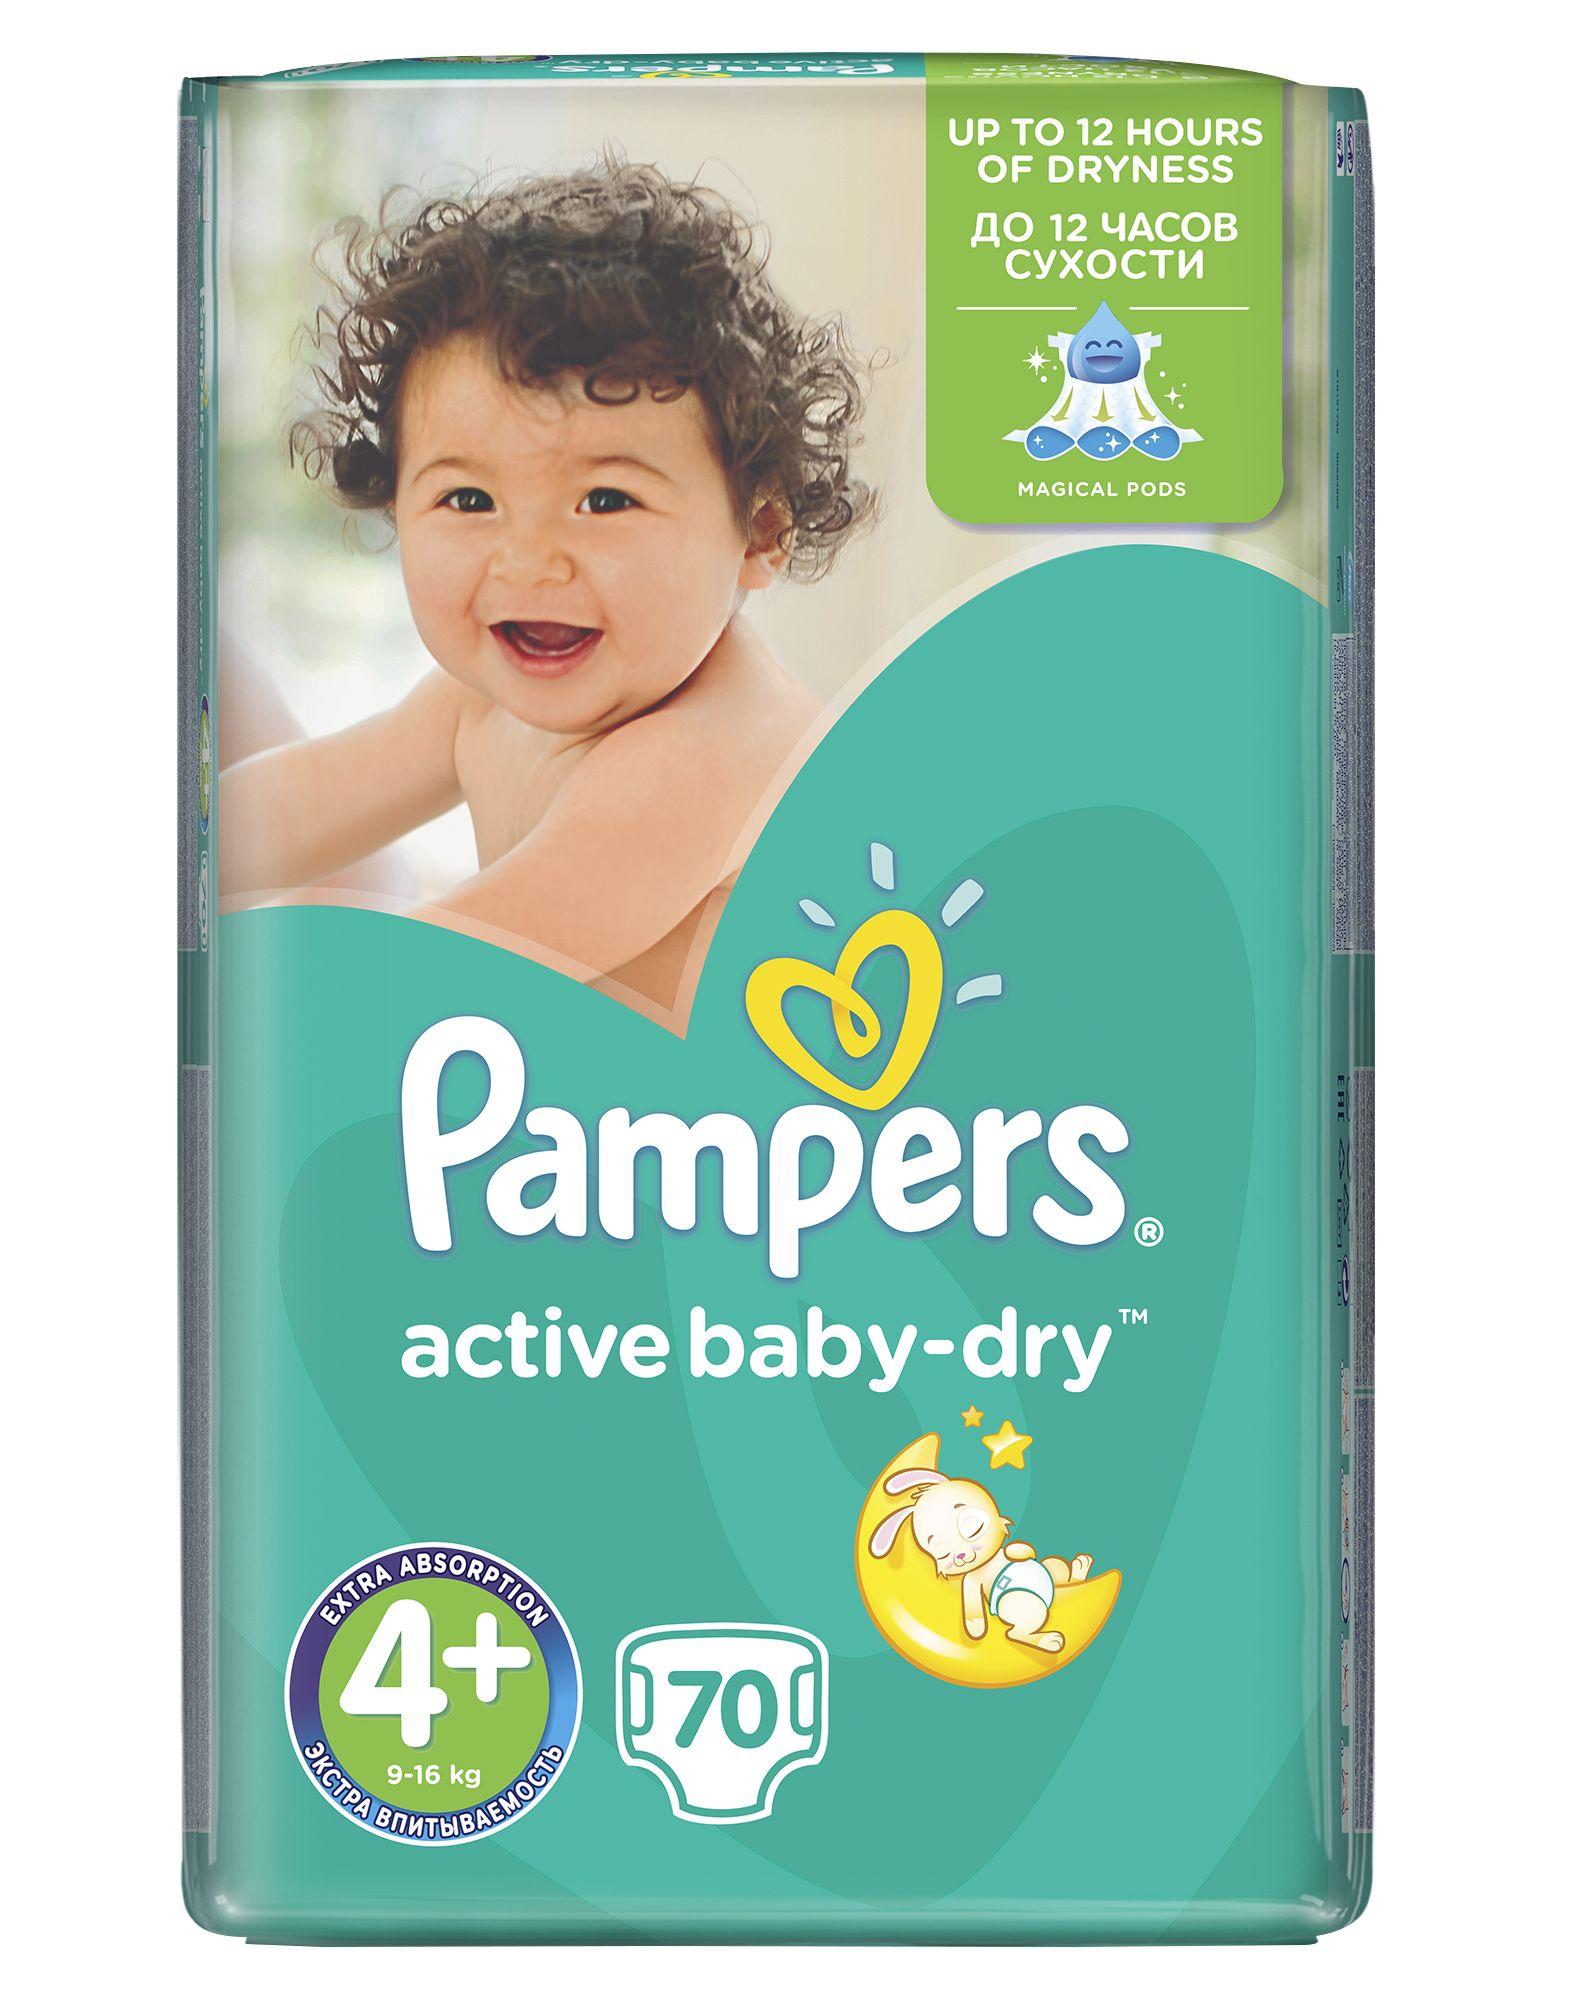 Pampers Active Baby-Dry Dětské pleny velikost 4+ Maxi+ 70 ks